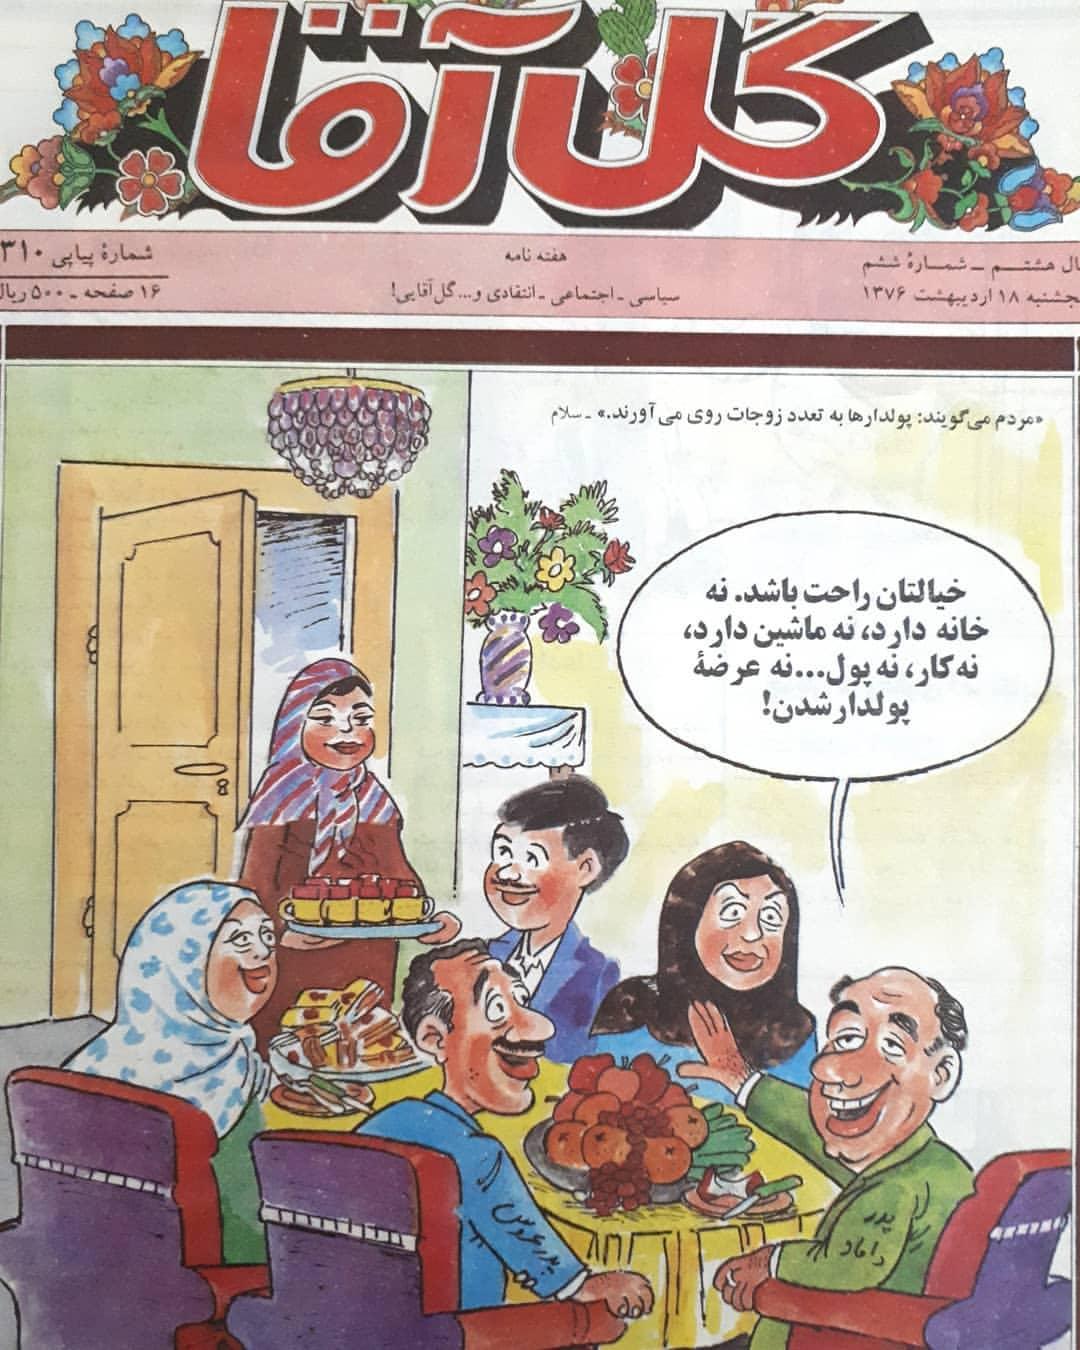 چند همسری در دهه هفتاد! + عکس